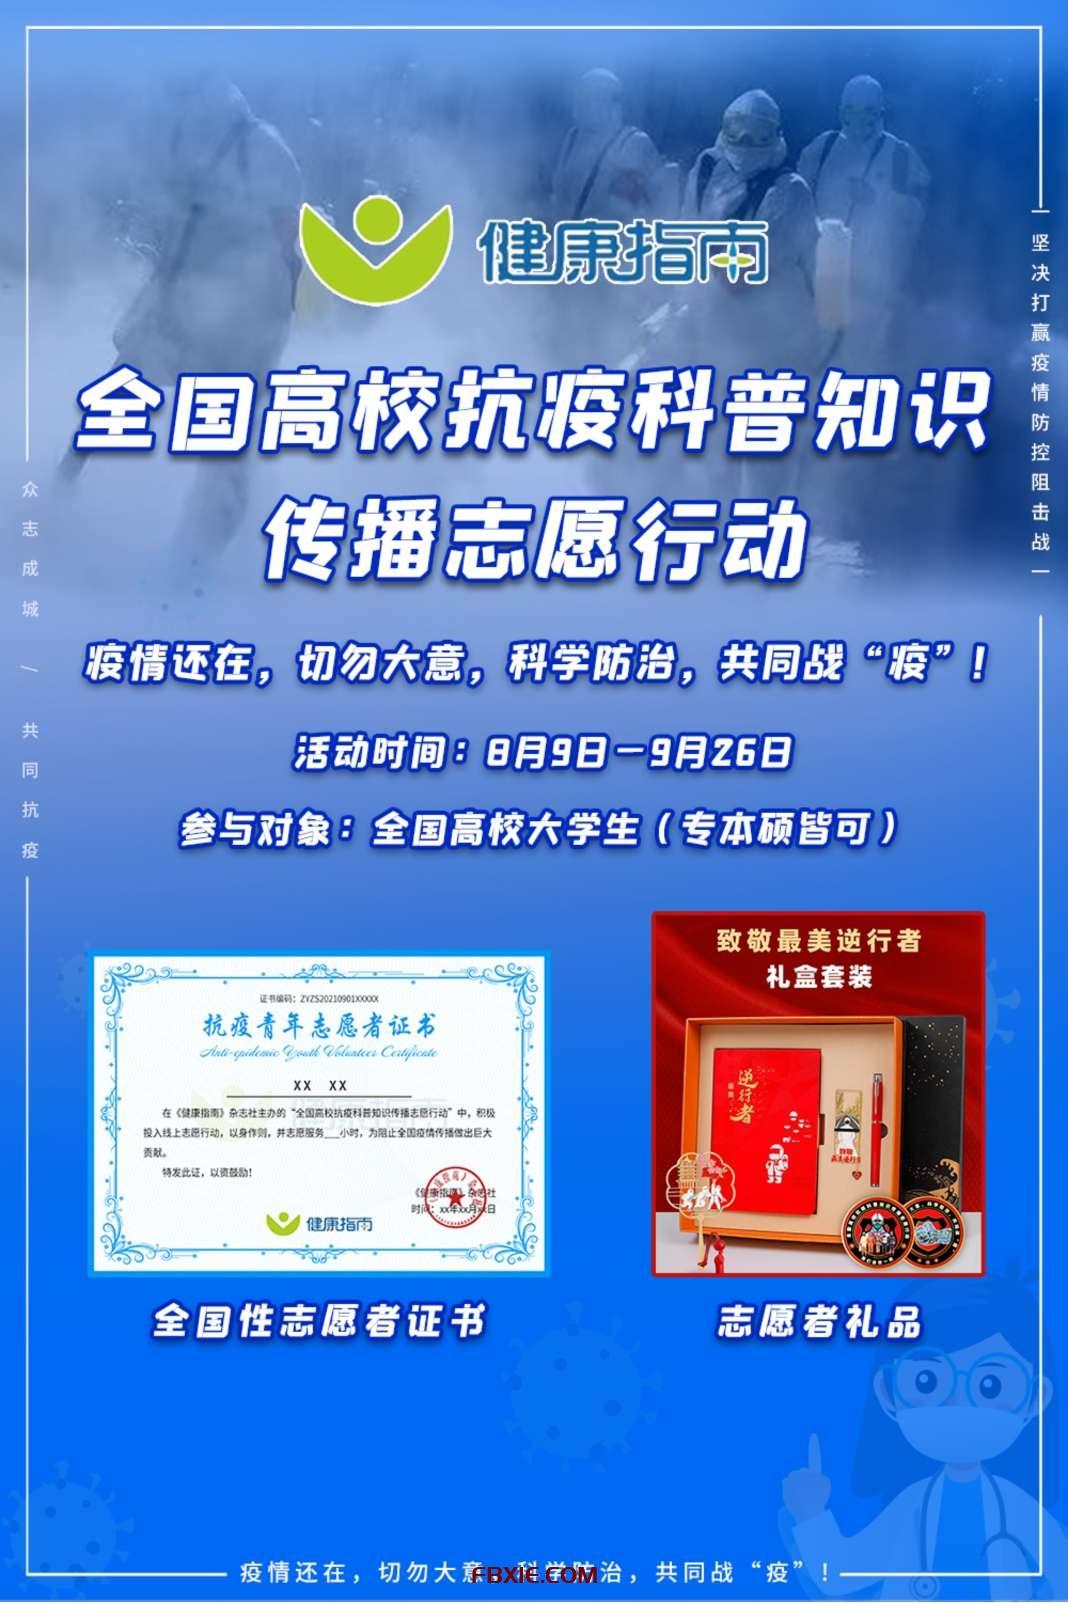 做任务领取抗疫志愿者荣誉证书